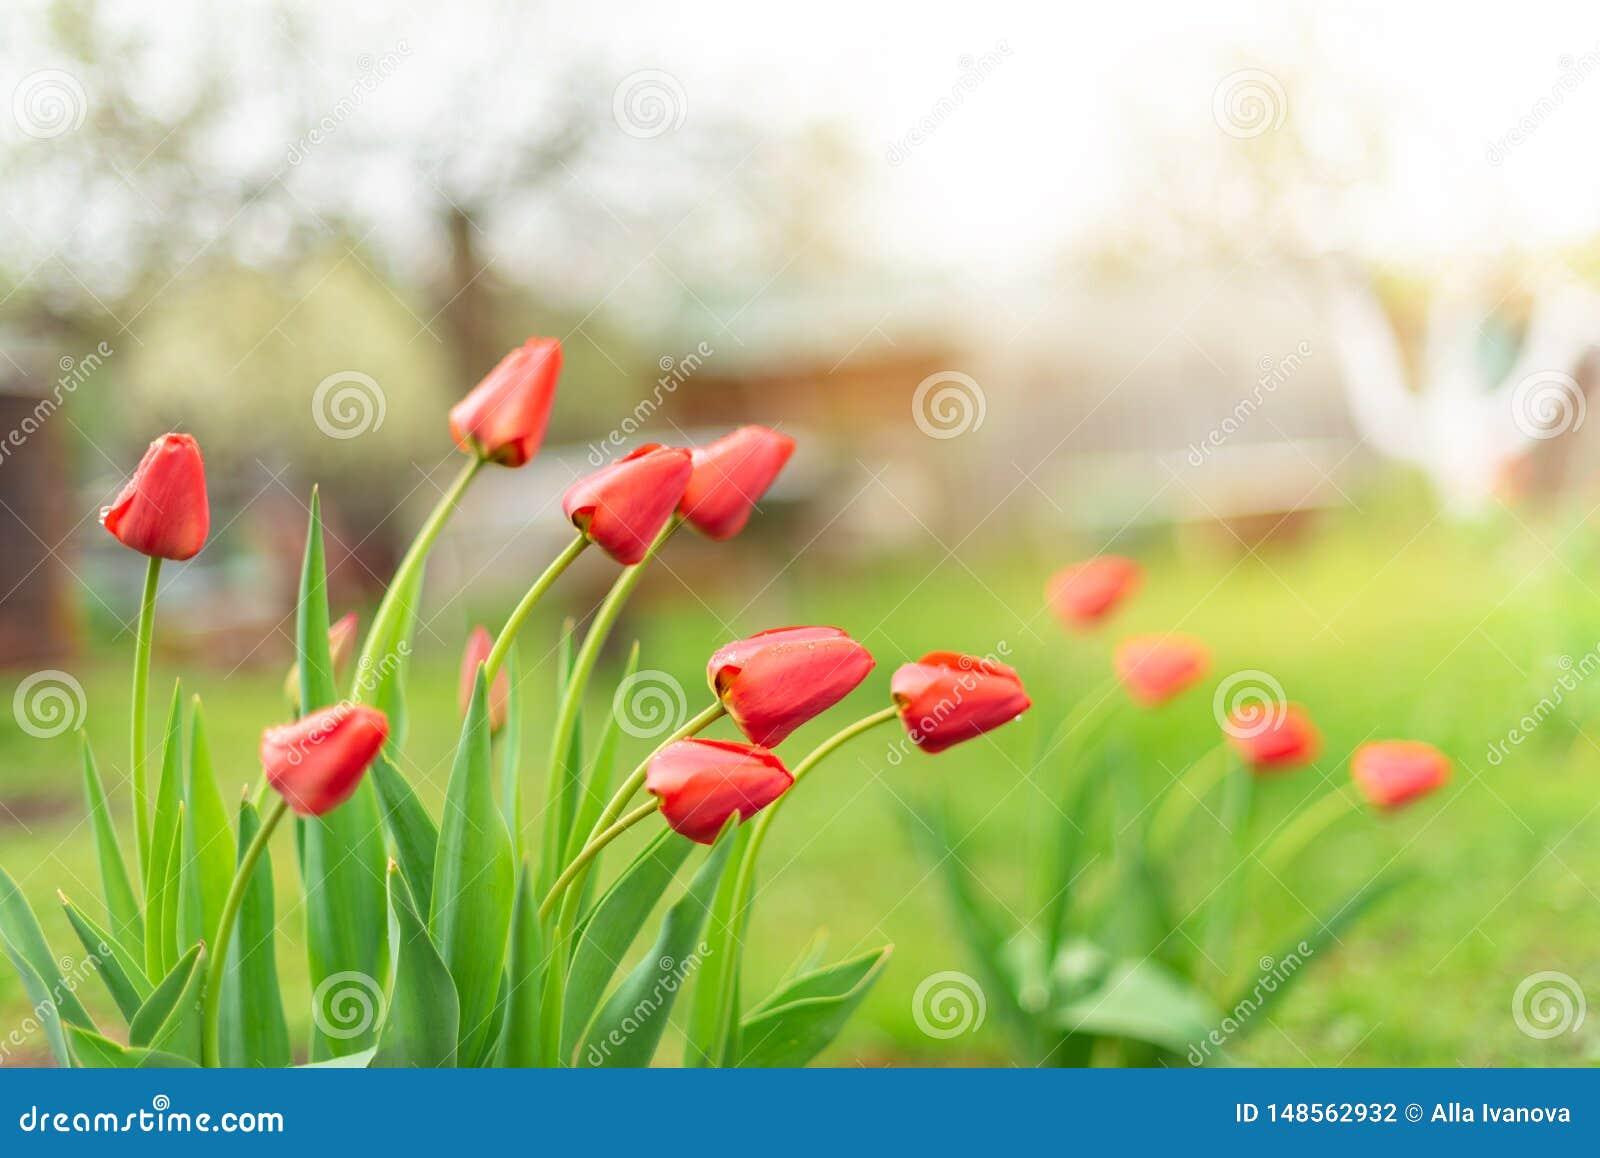 Knospen von den roten Tulpen, die in einem Garten, Abschluss aufwachsen